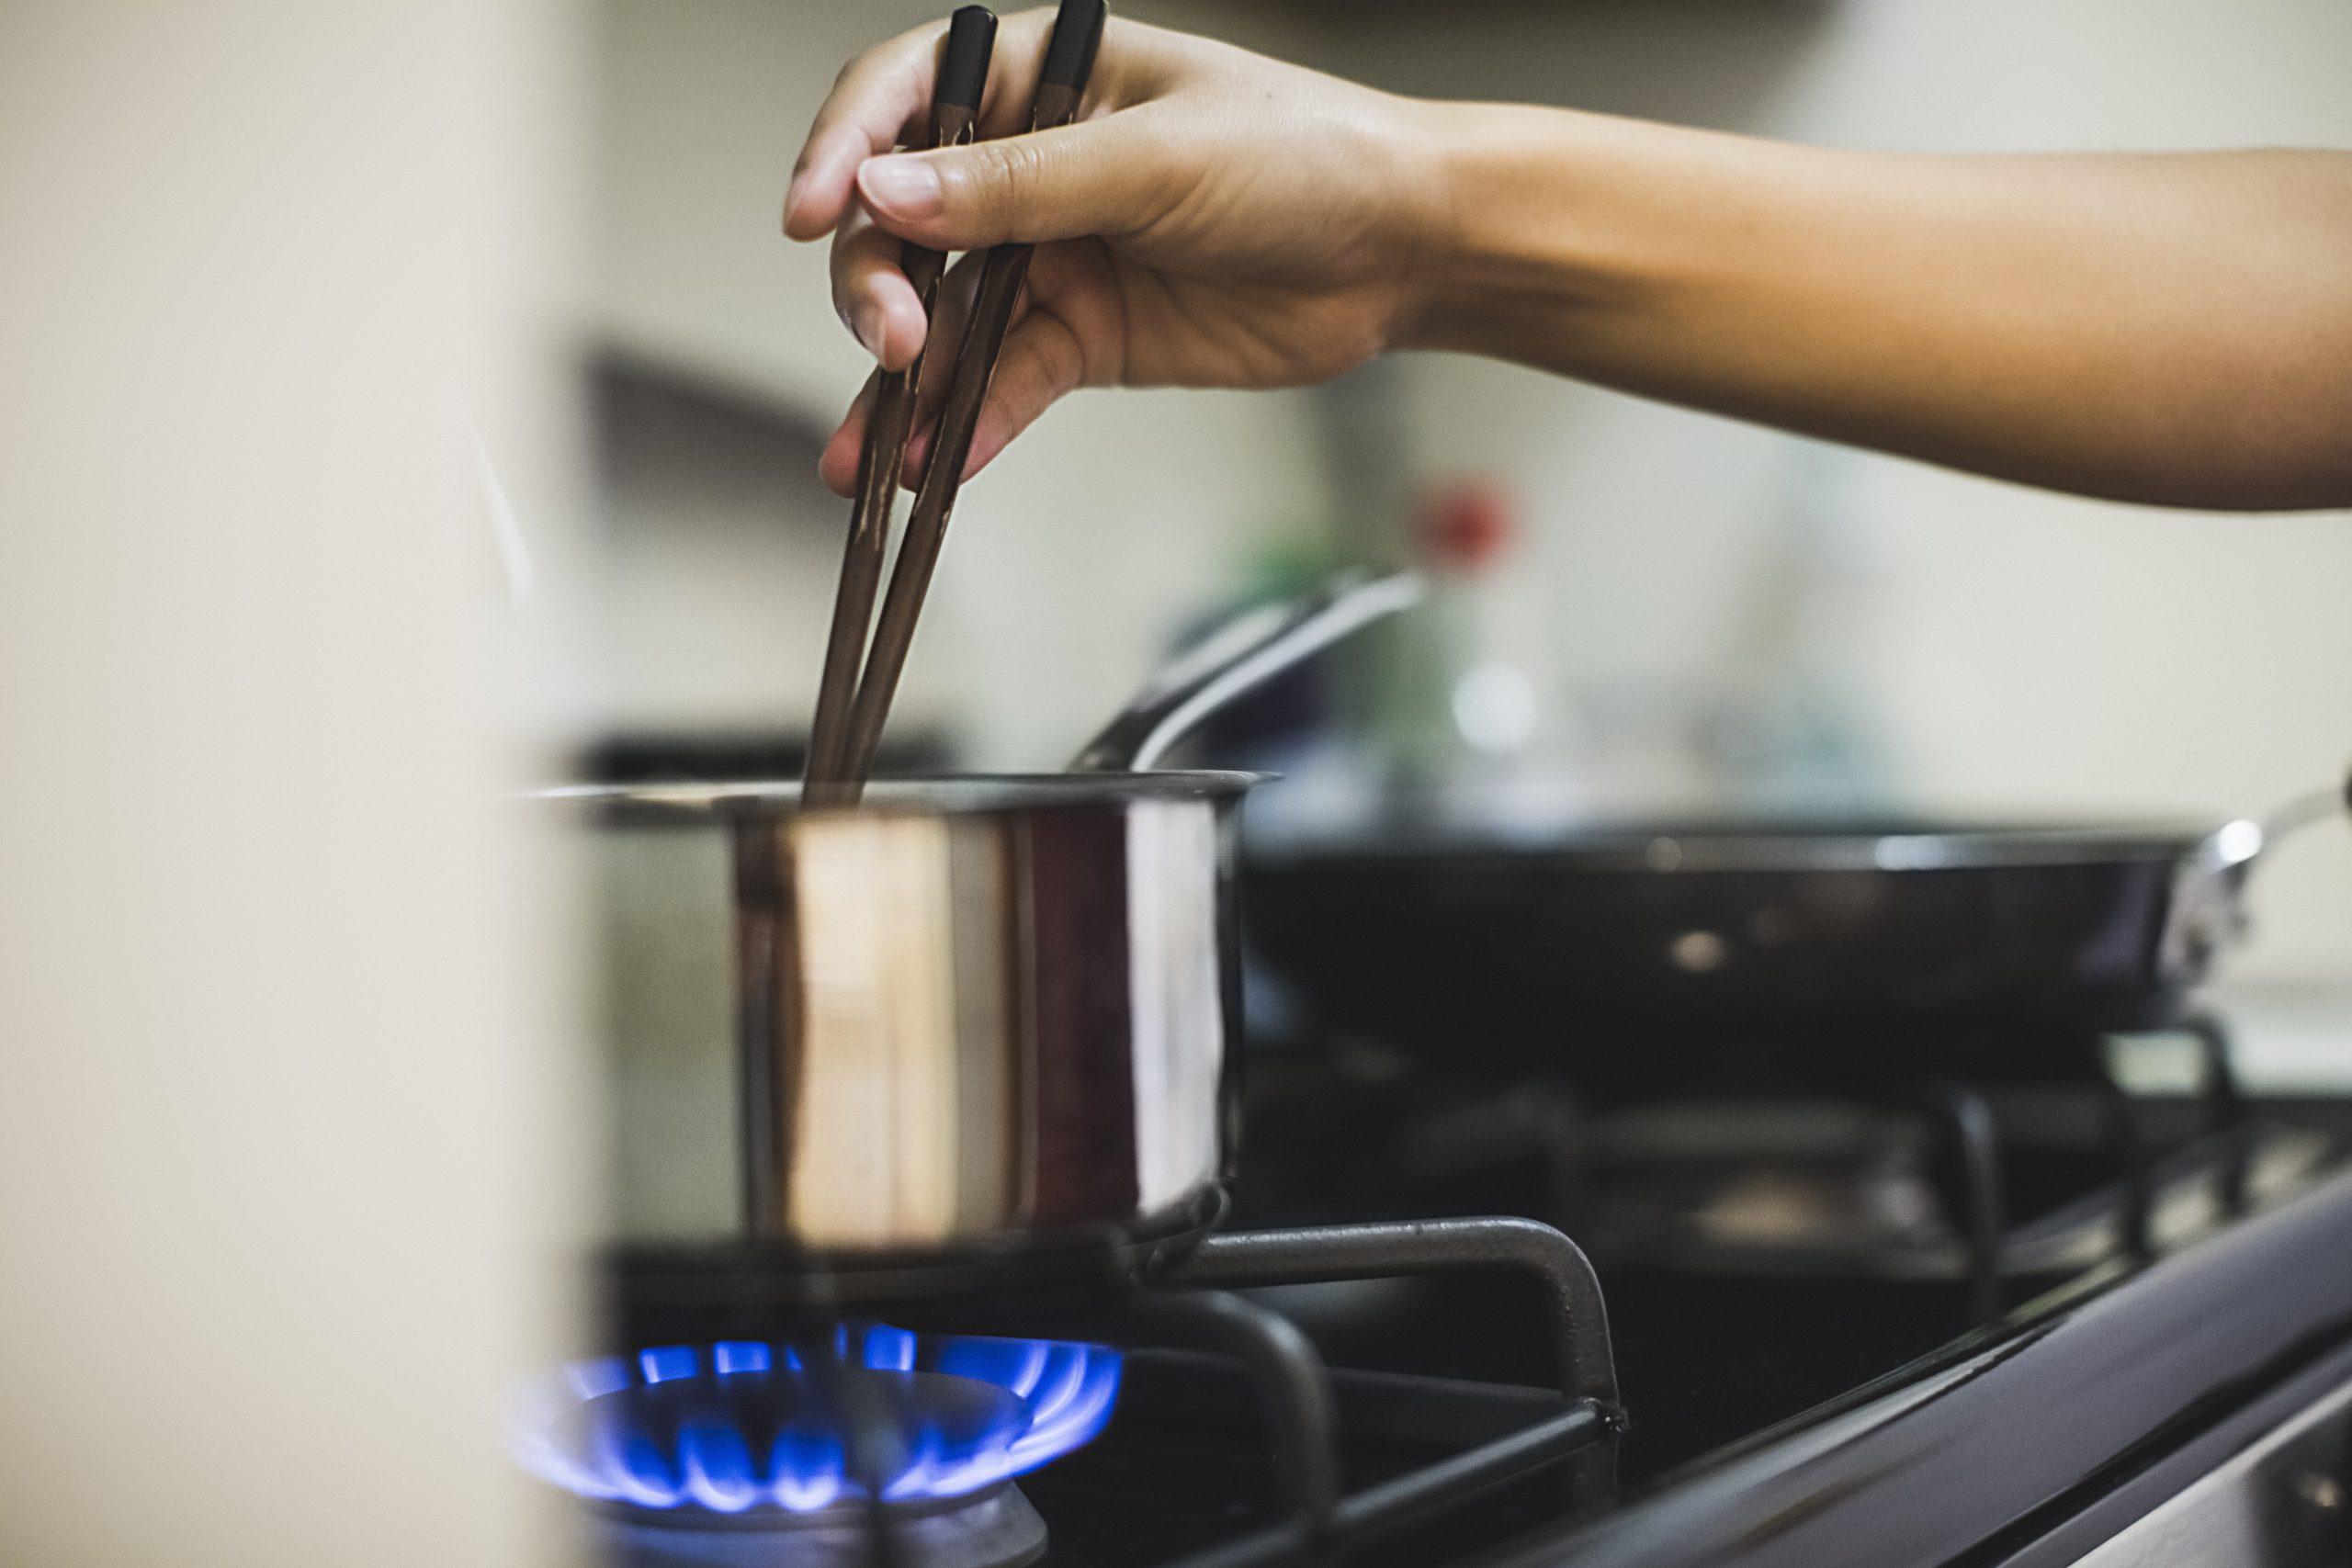 Une femme remue une casserole sur une plaque de gaz alors que les prix augmentent au Royaume-Uni.